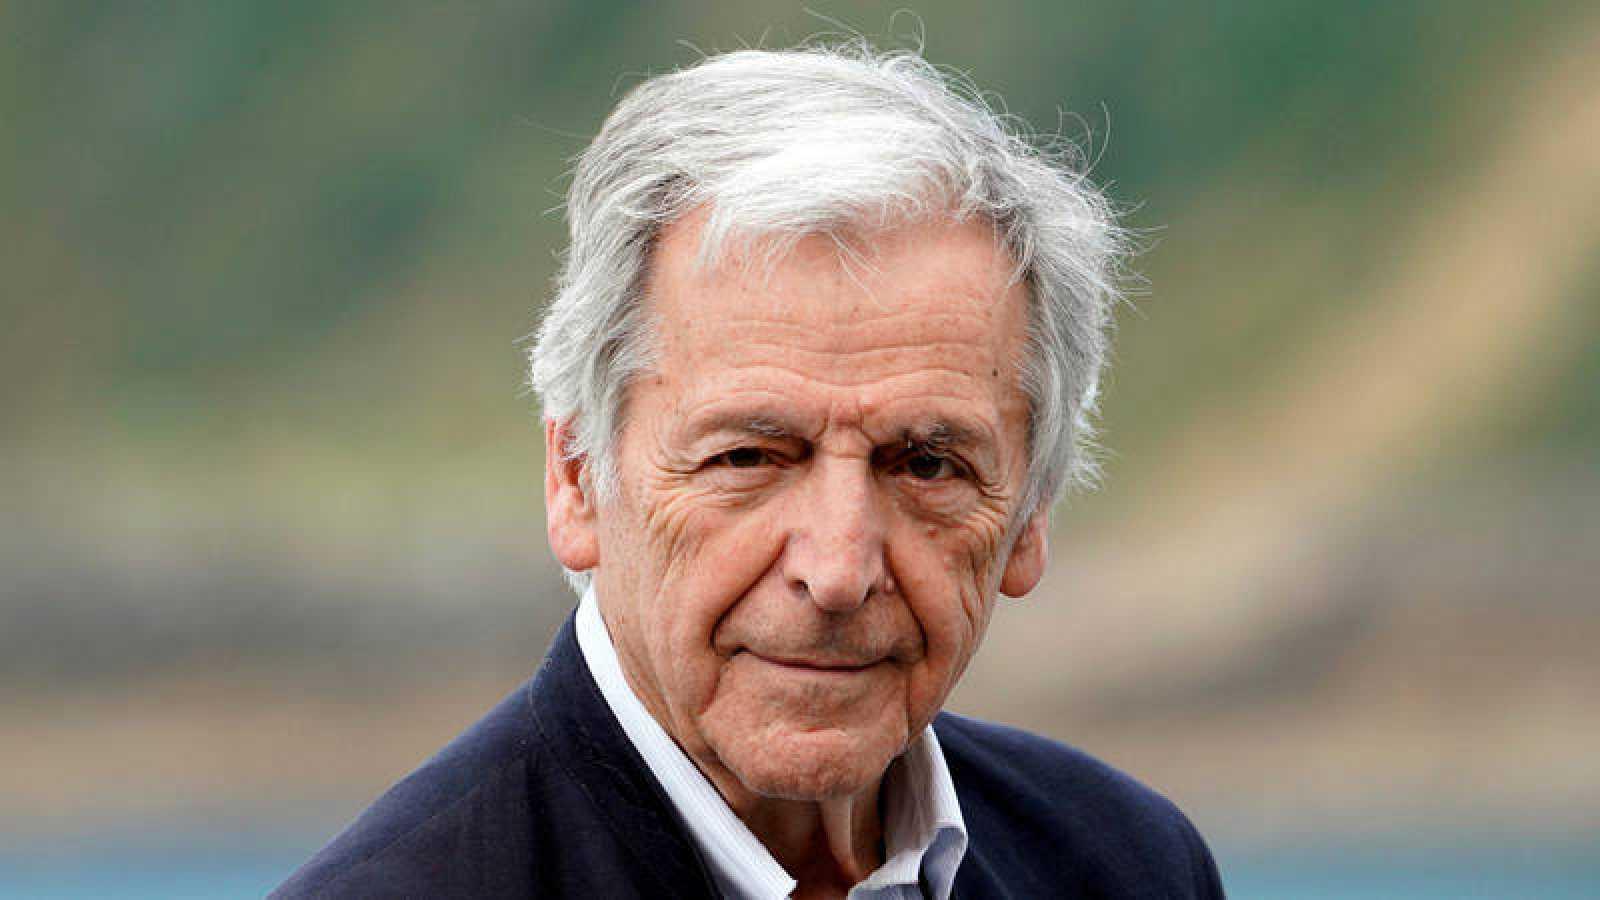 Costa-Gavras recoge en San Sebastián el Premio Donostia y presenta 'Adultos en la habitación'.